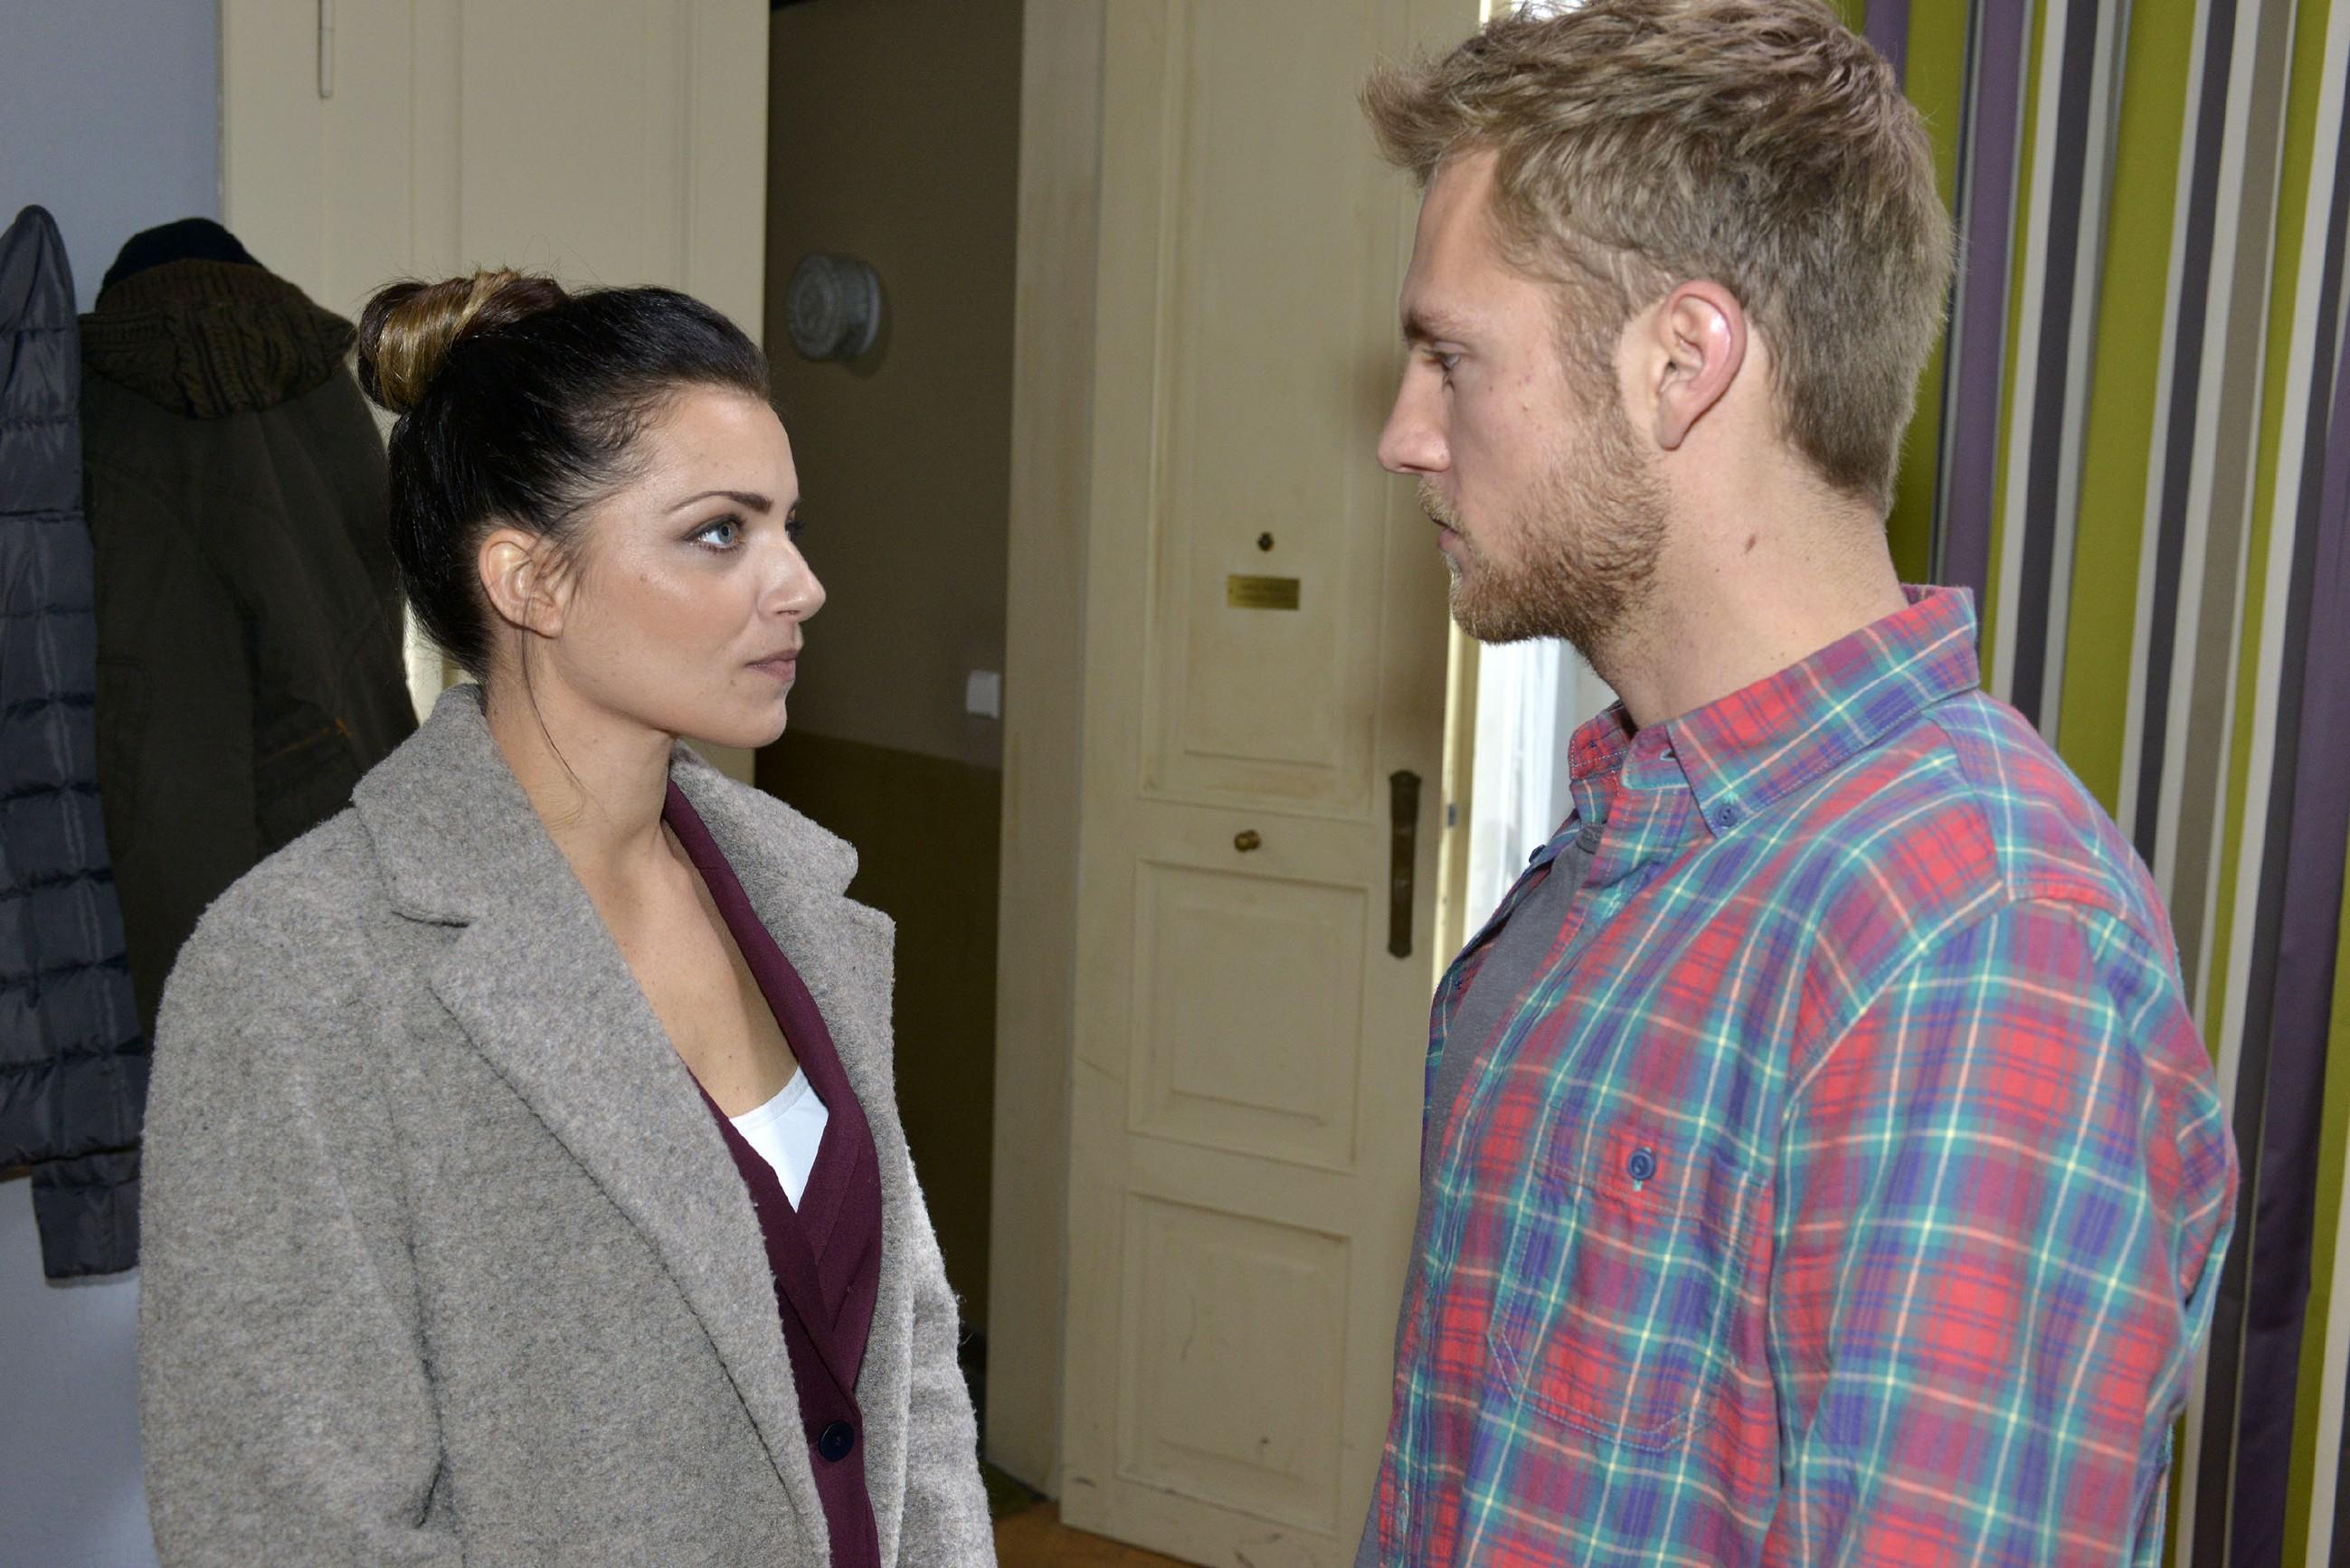 Wird Emily (Anne Menden) endlich ihren Gefühlen für Paul (Niklas Osterloh) nachgeben? (Quelle: RTL / Rolf Baumgartner)